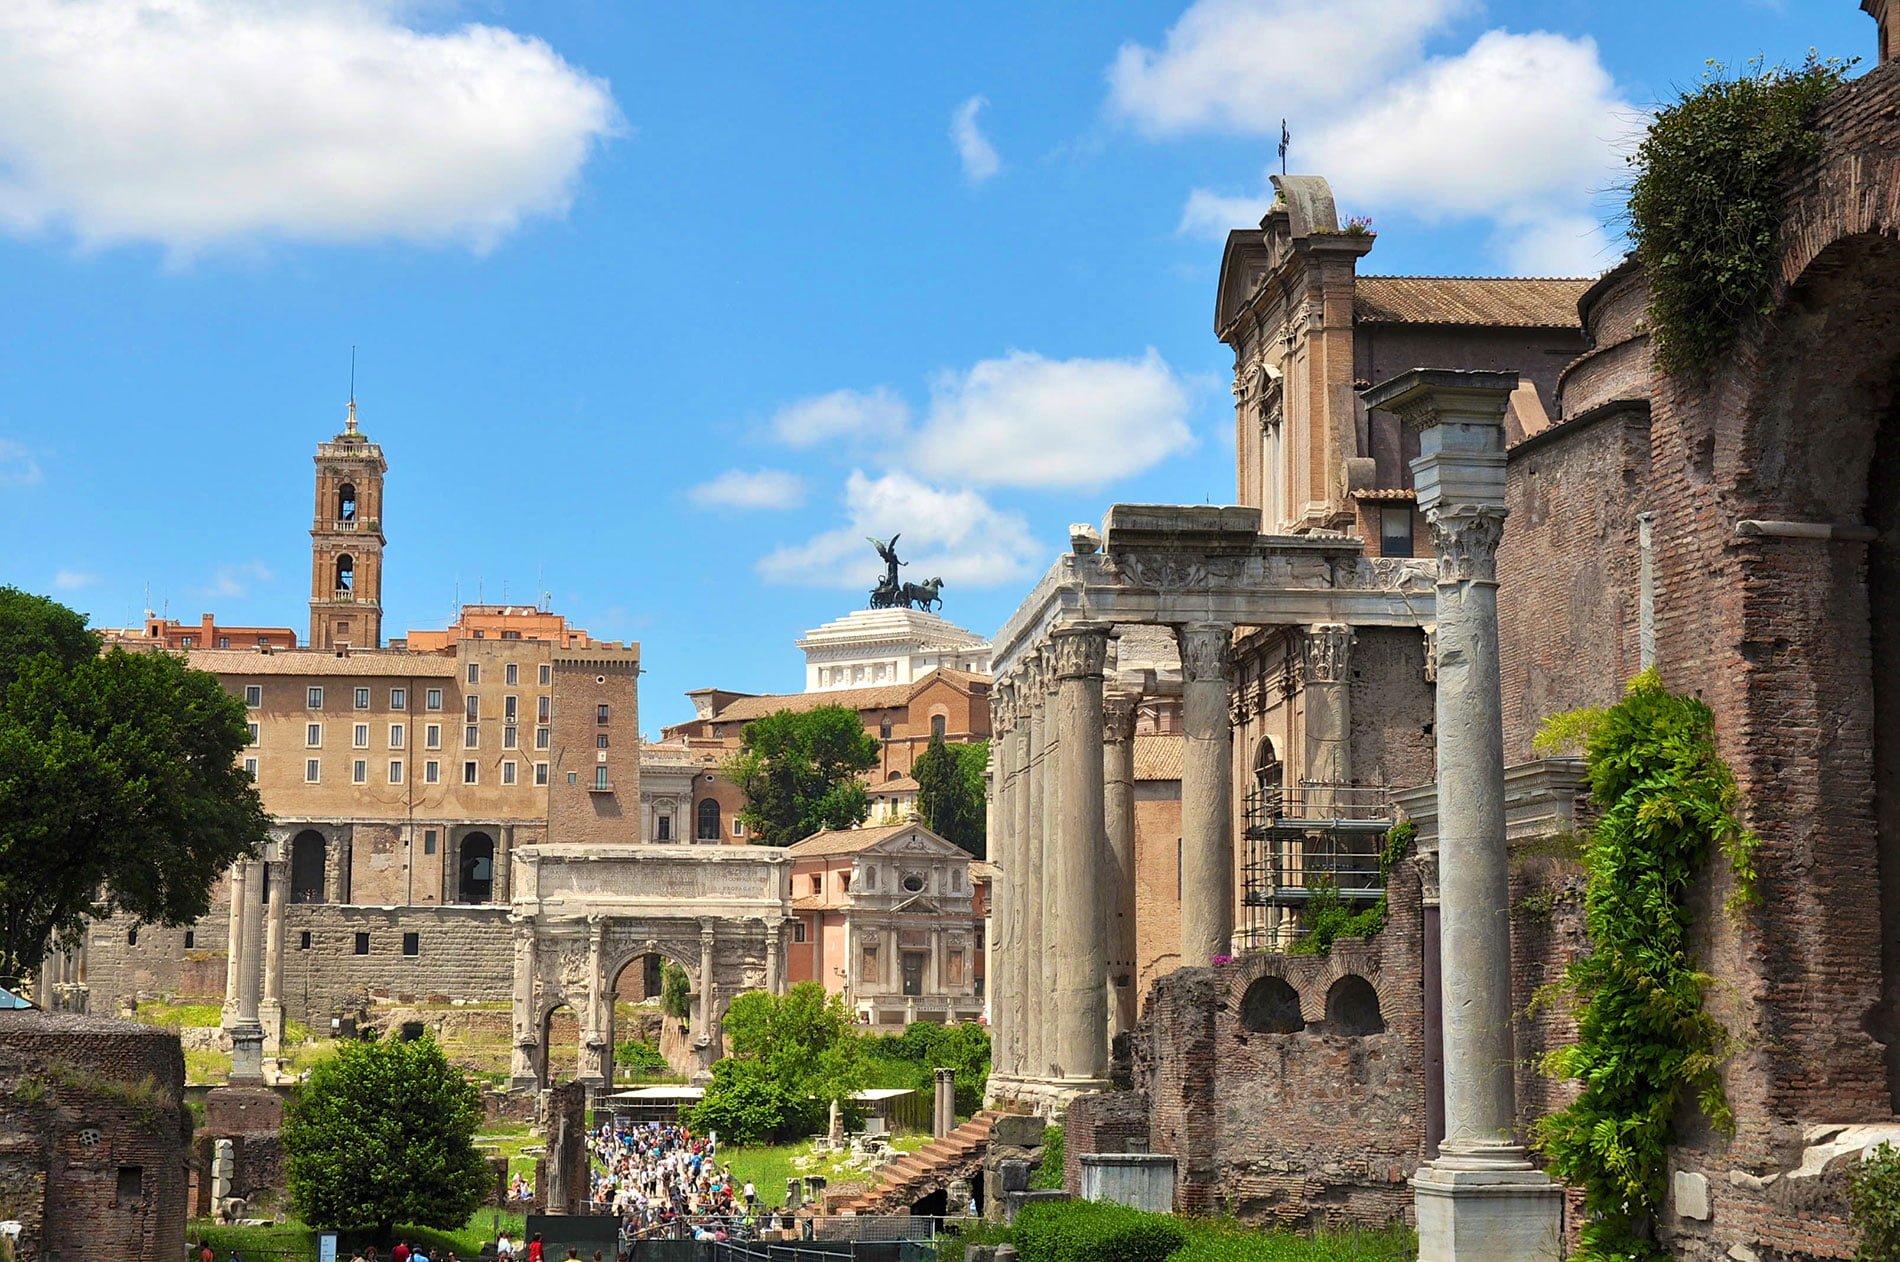 Forum romain à Rome - 22 v'la Scarlett